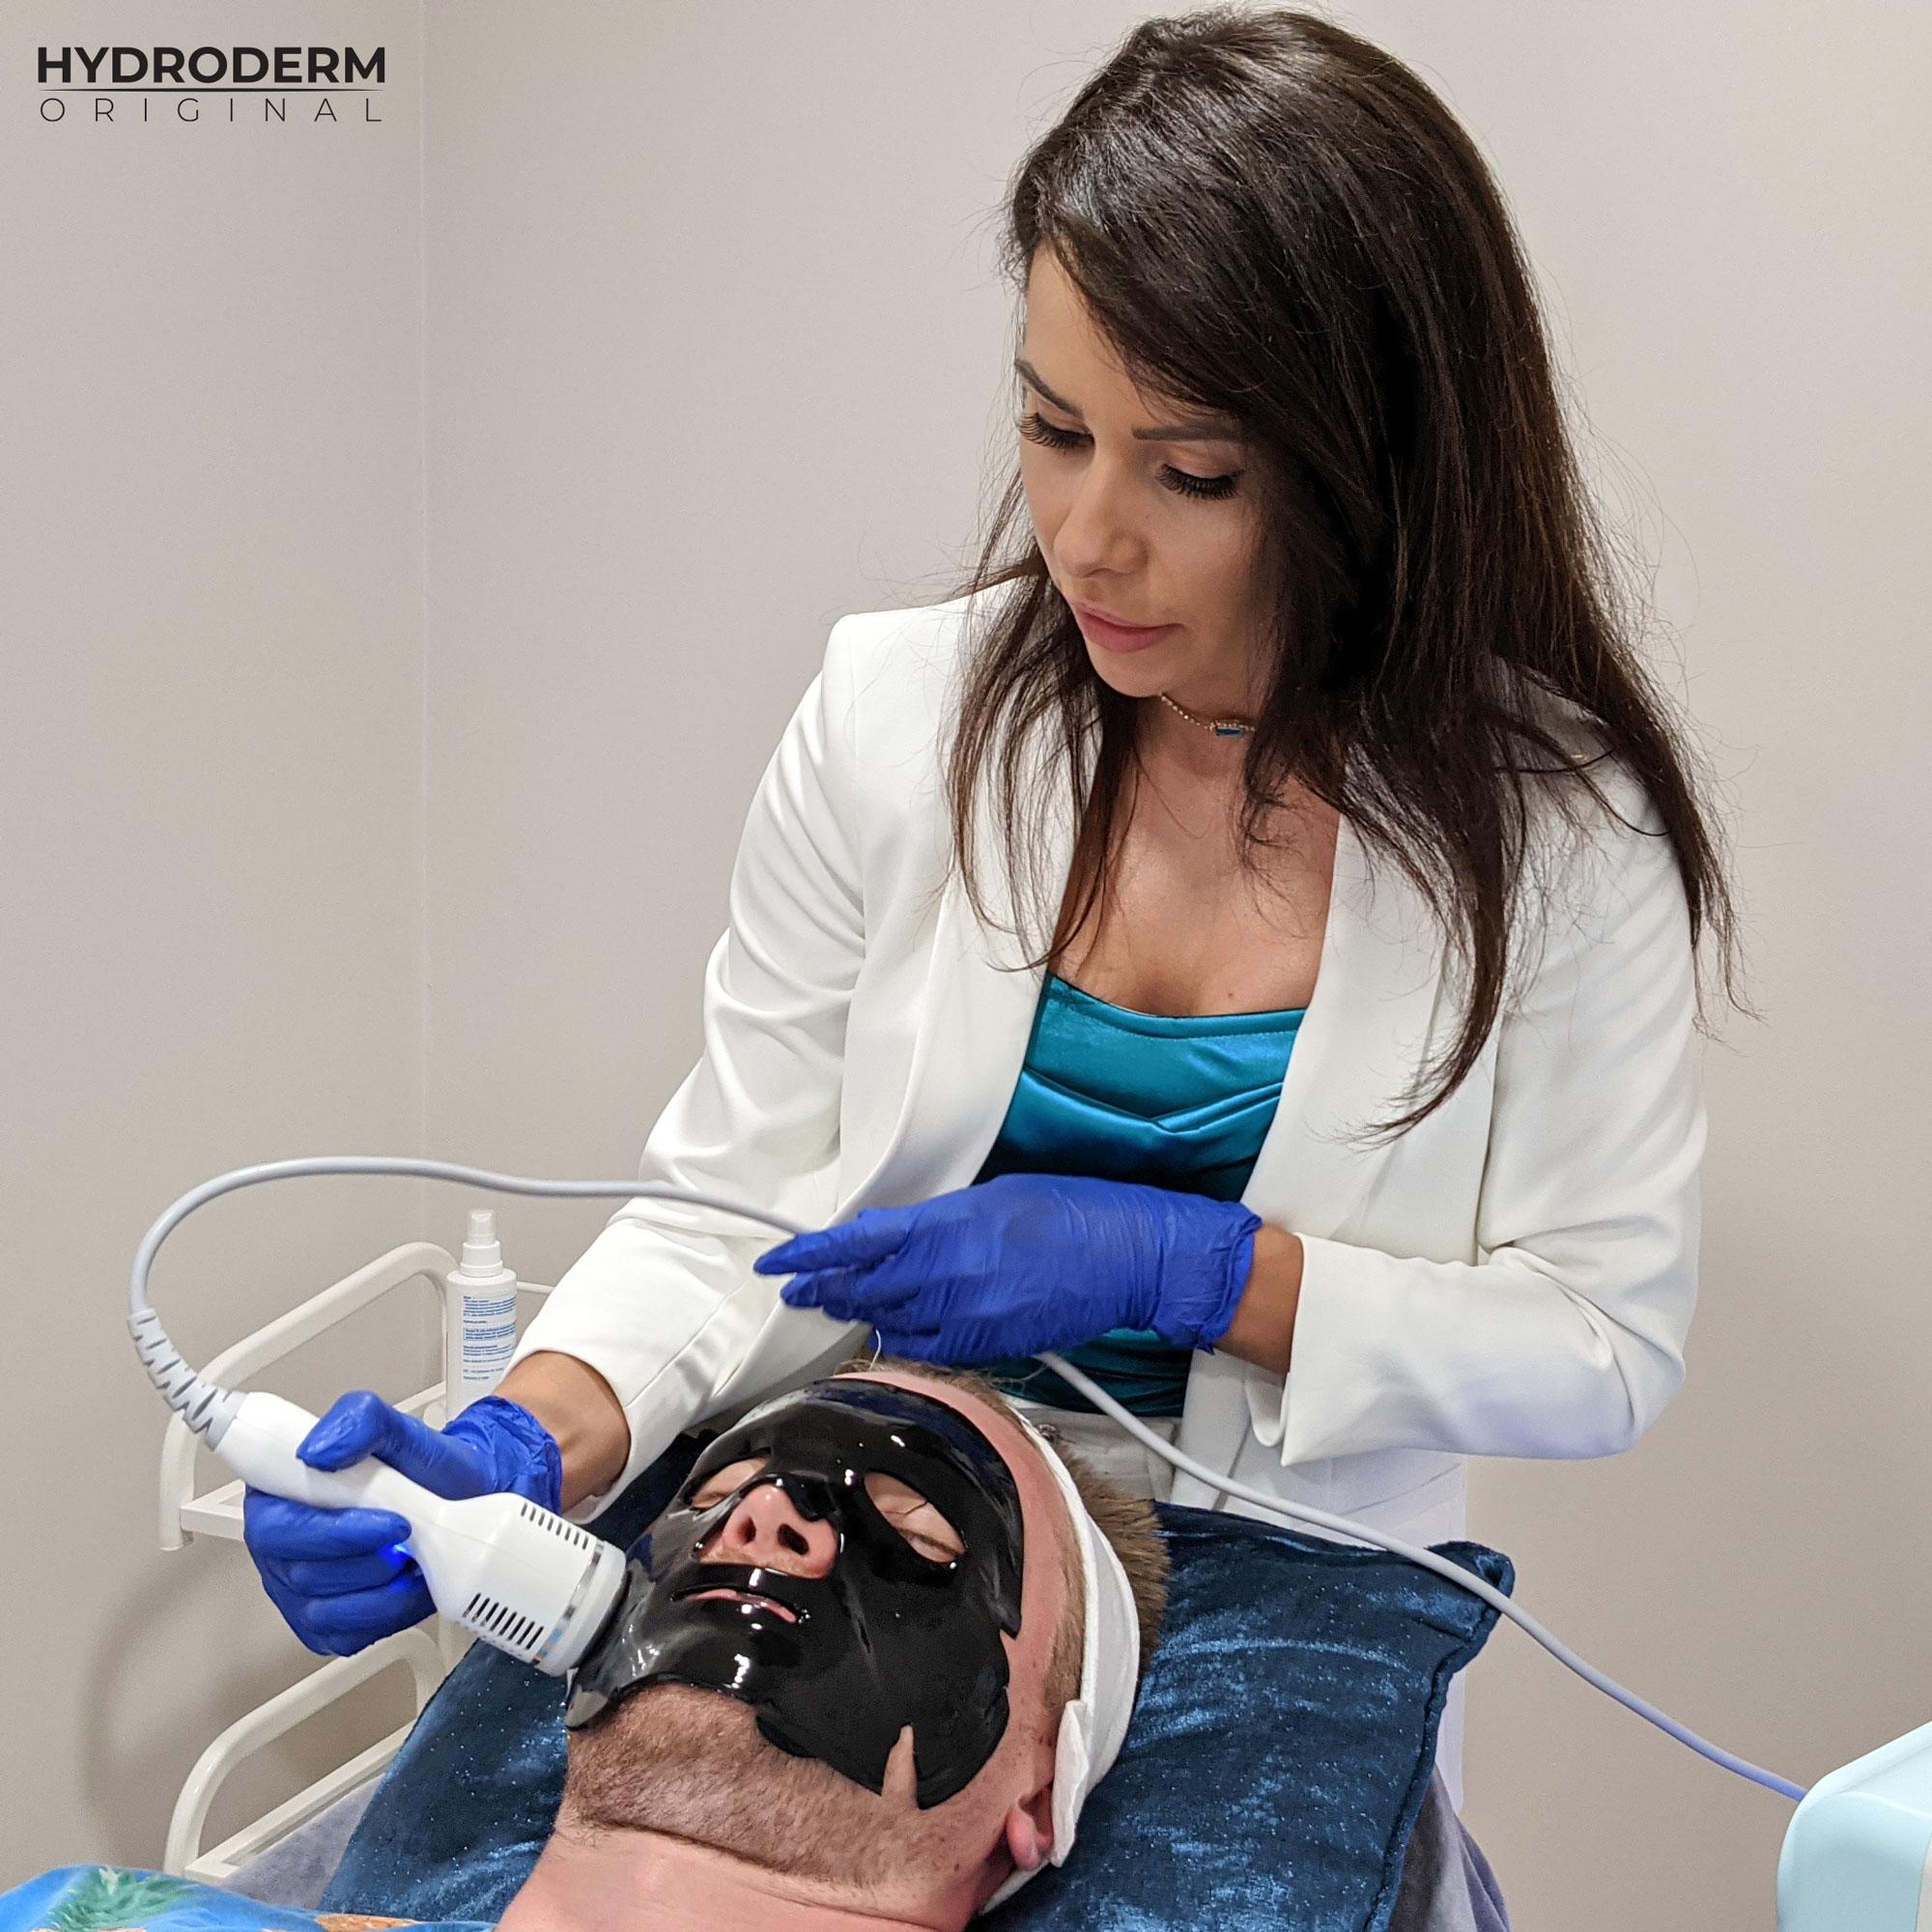 Jednym z etapów oczyszczania wodorowego jest masaż głowicą Cold, który pozwala zamknąć składniki aktywne zawarte w maseczce na twarzy